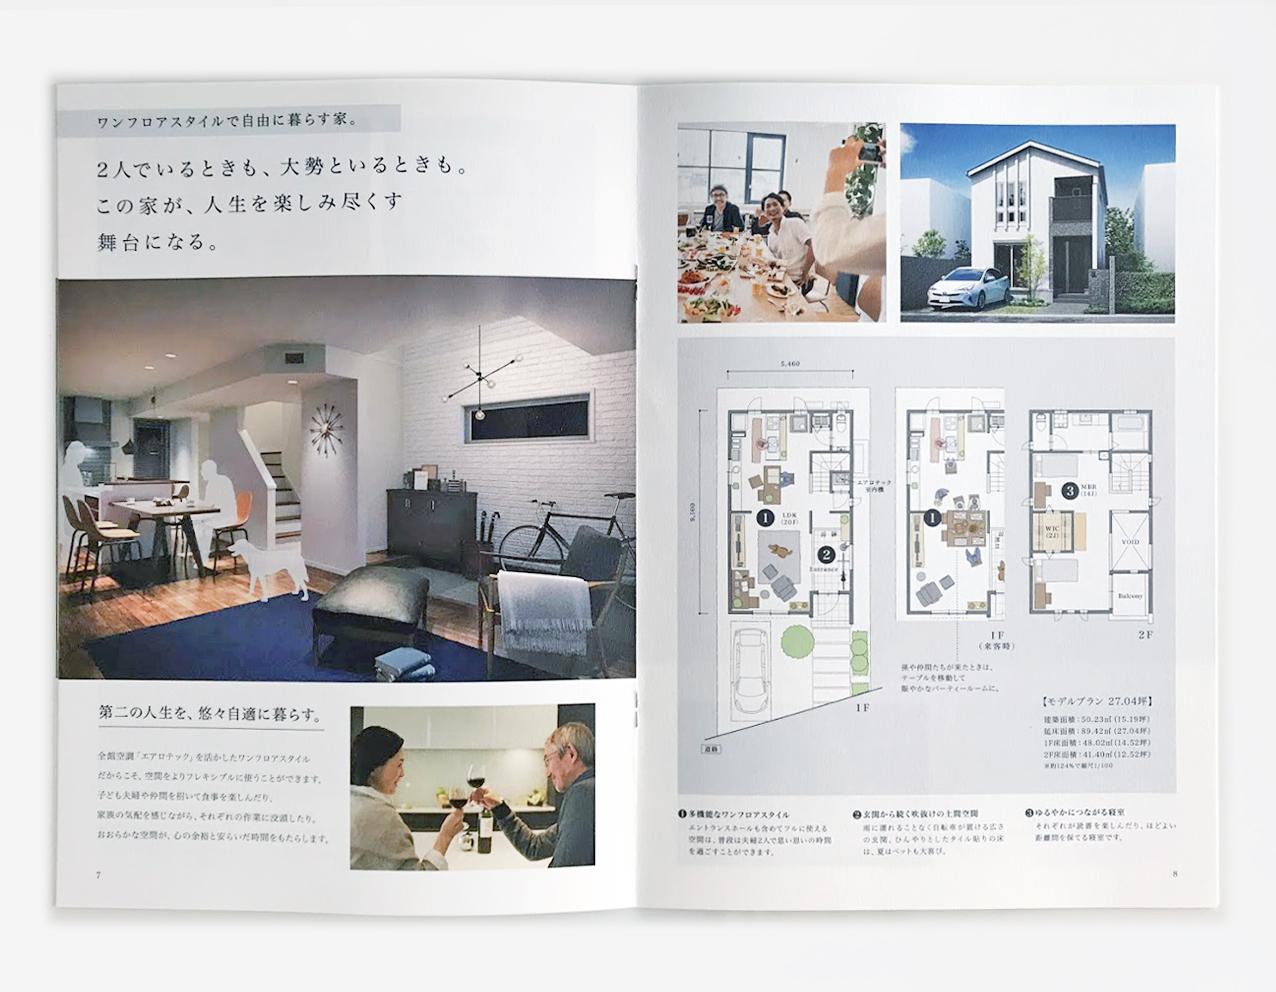 システム設計住宅, 2017